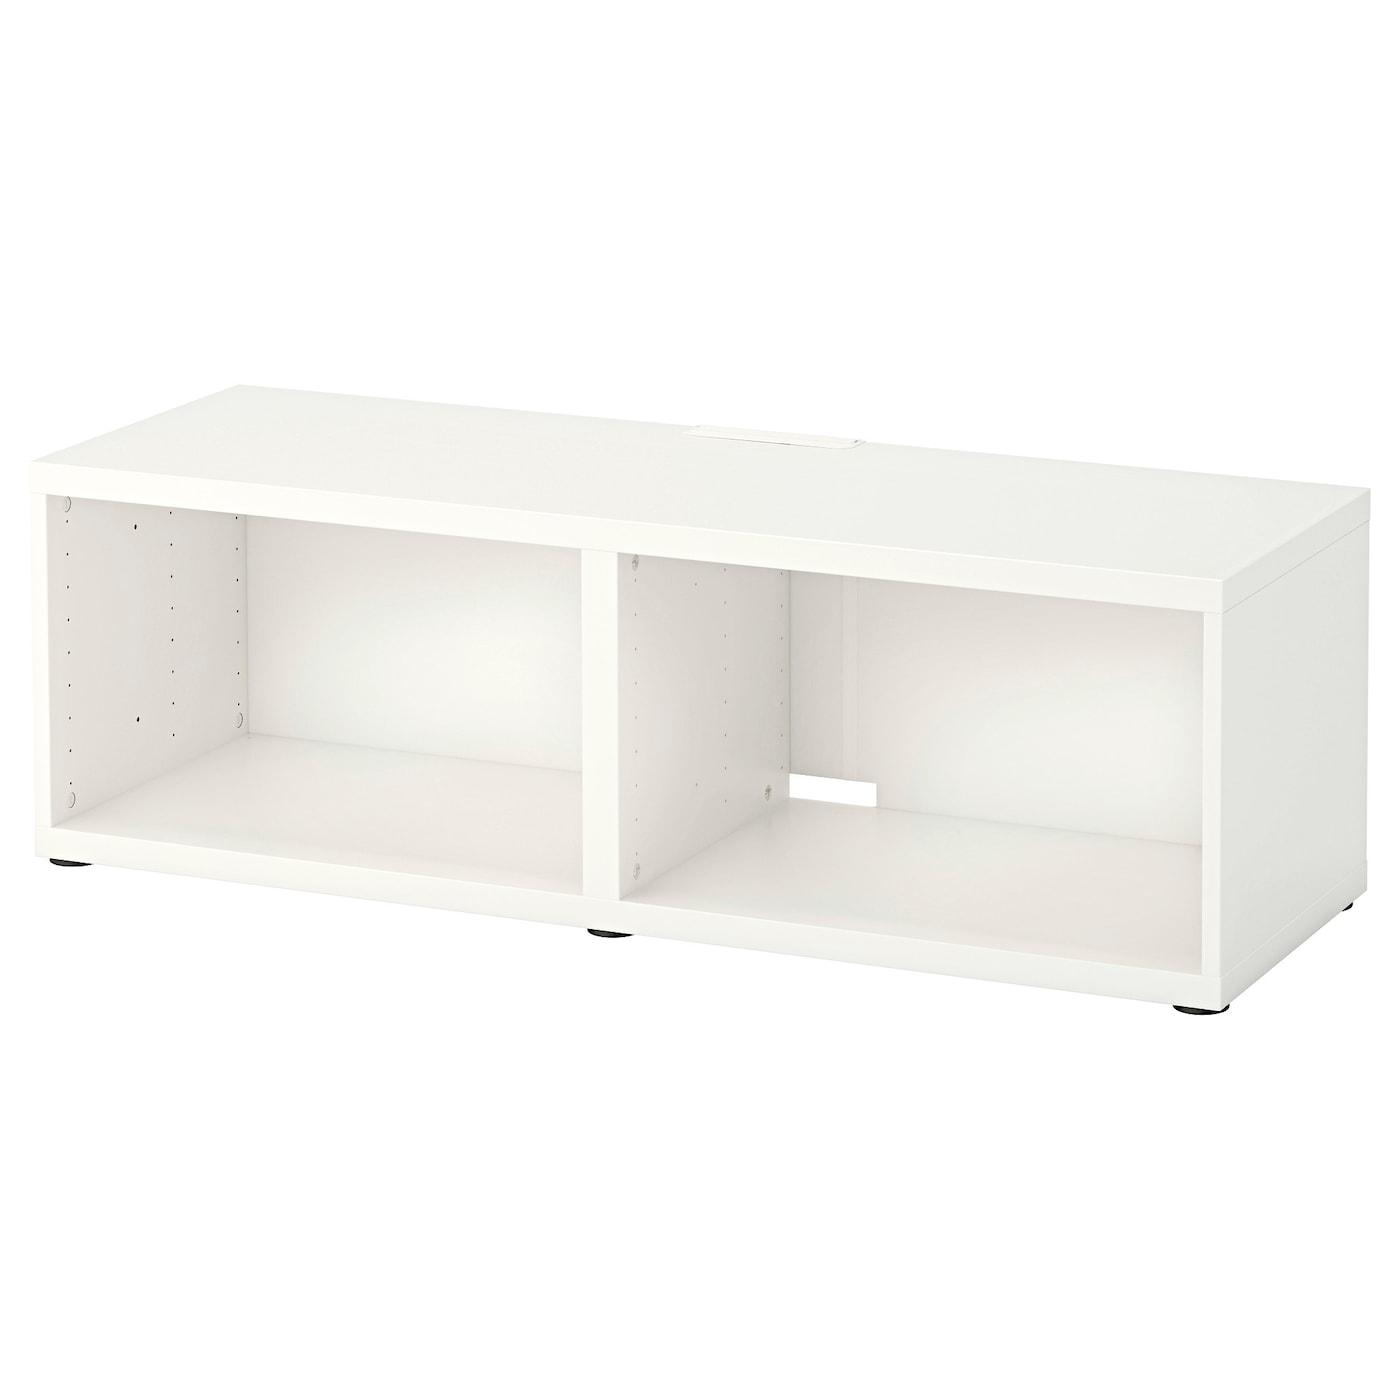 Benno Tv Meubel Ikea.Besta Tv Meubel Wit 120x40x38 Cm Ikea